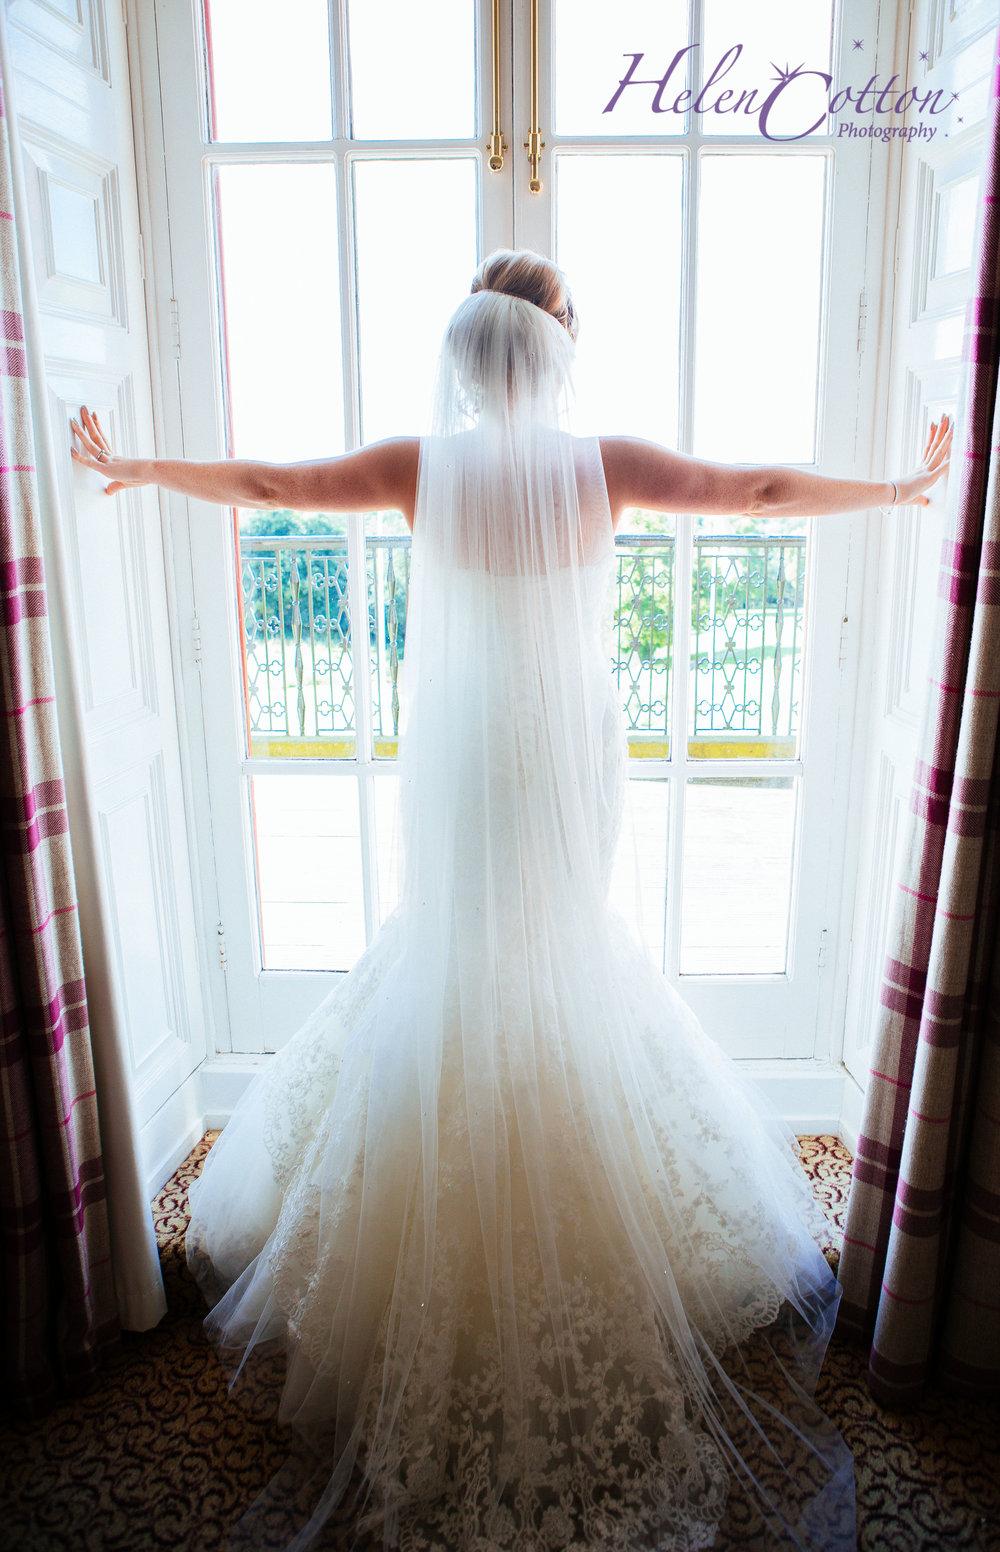 Emily & Chris's Wedding_WEB Wedding_Helen Cotton Photography©IMG_1032.JPG